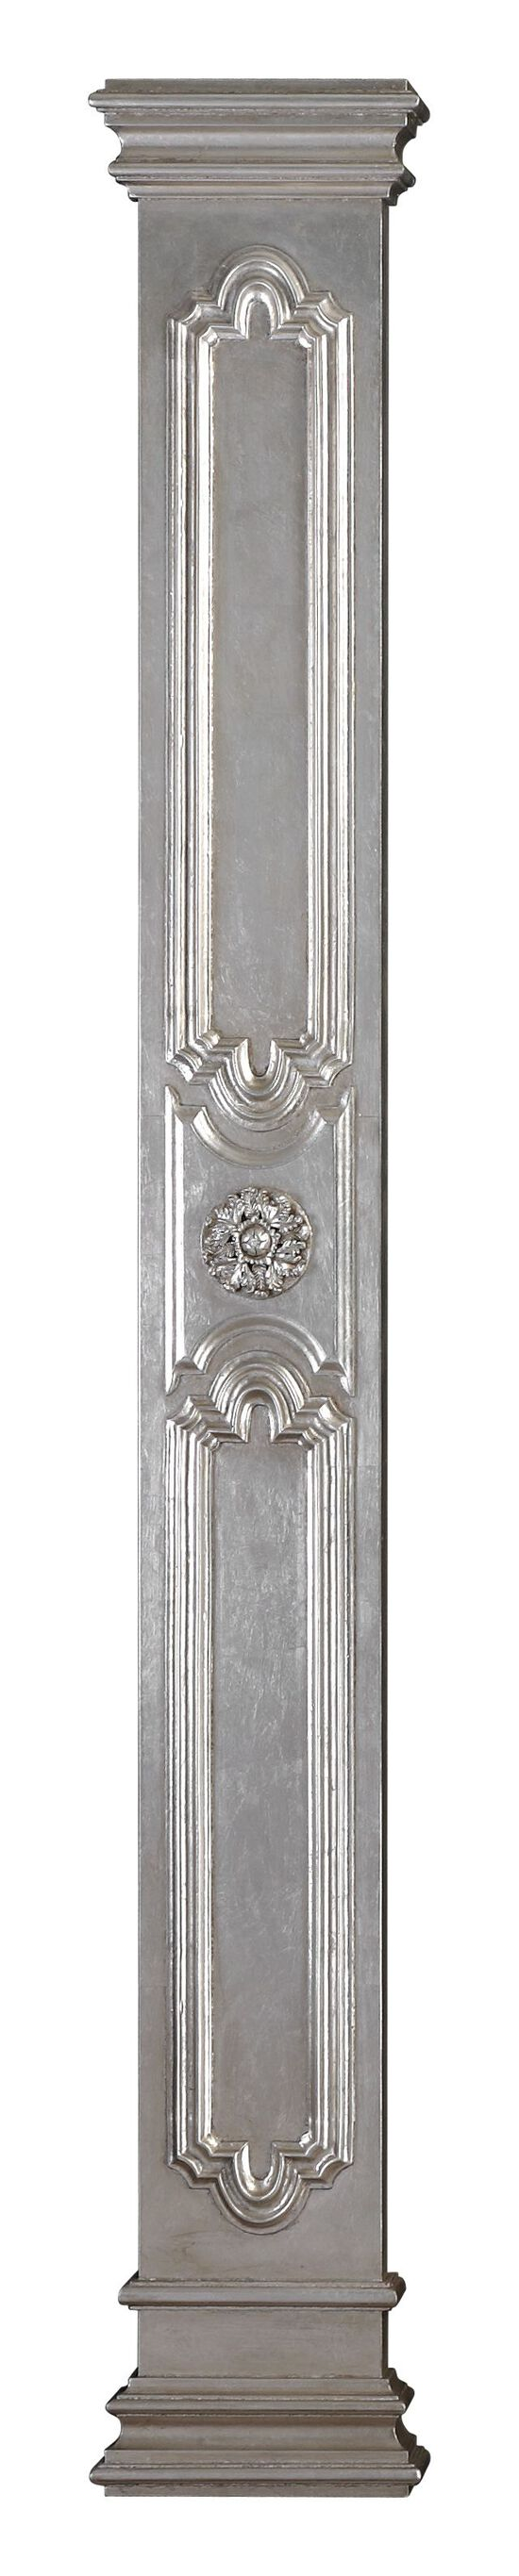 Leaf Medallion Wall Column in Antique Silver Leaf